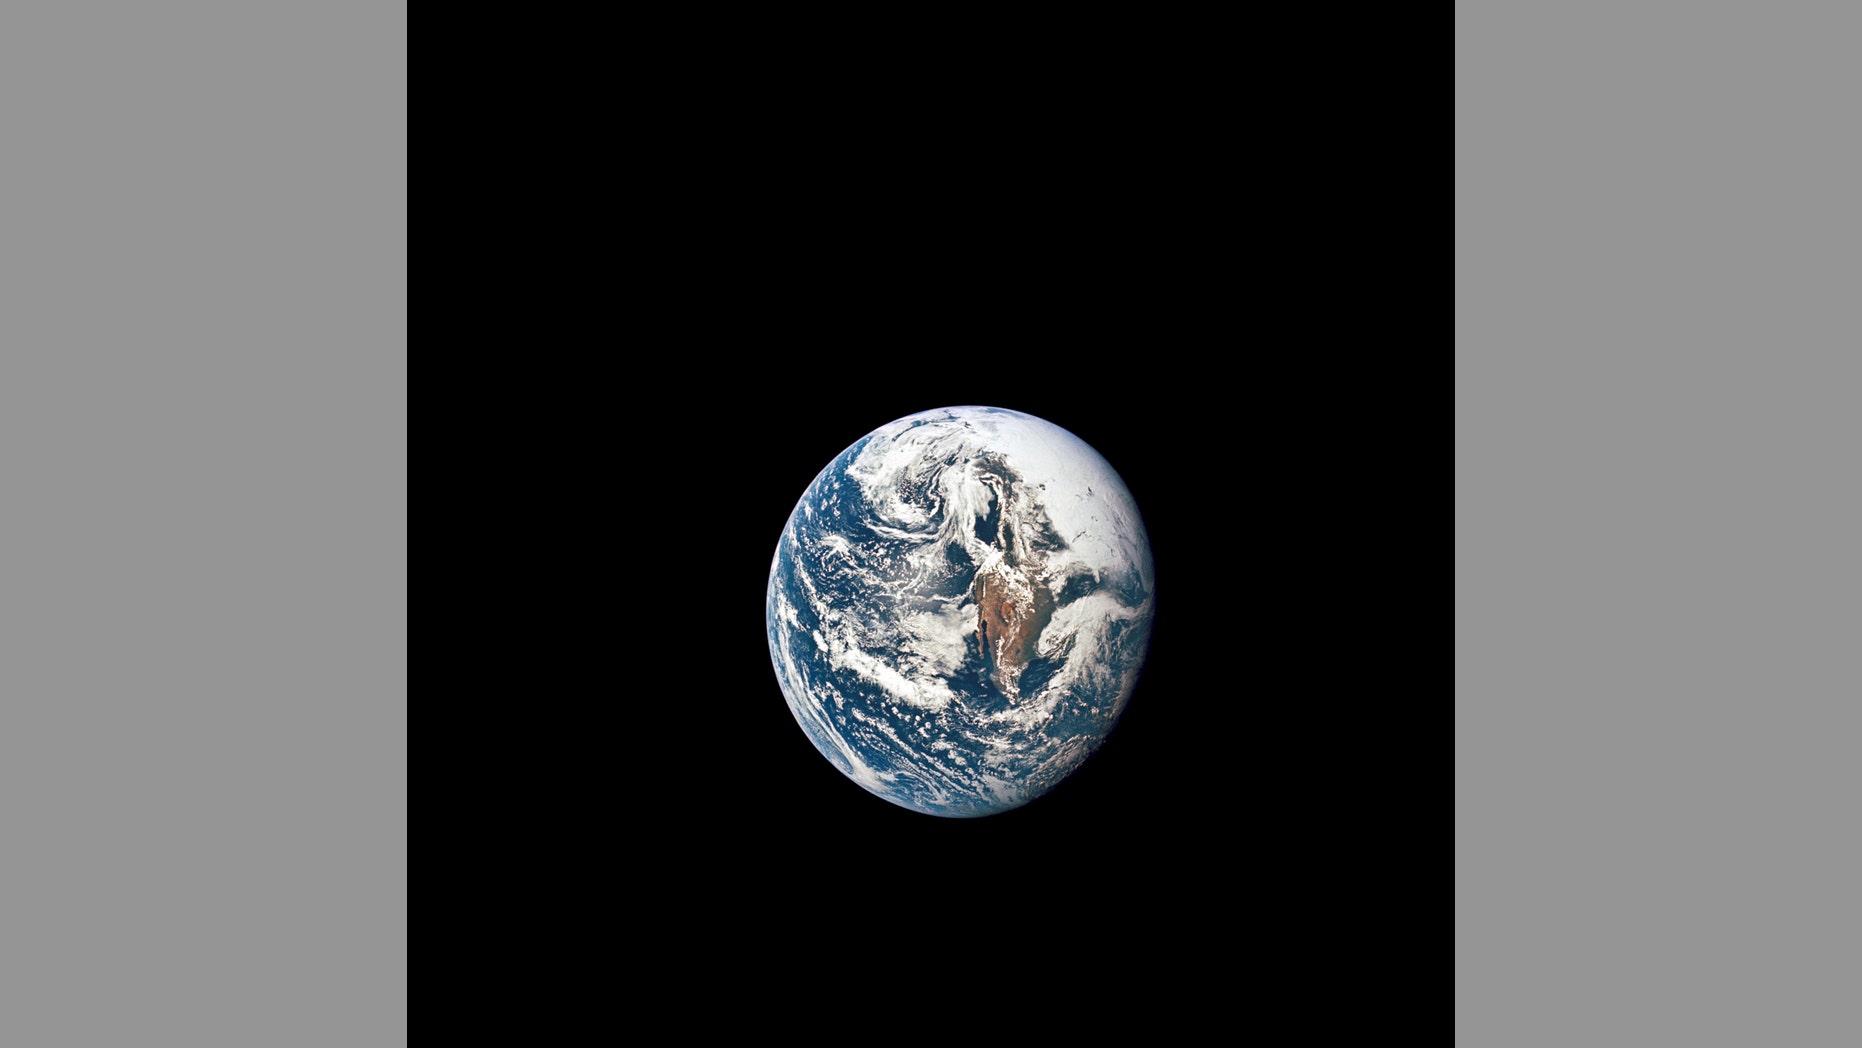 (Credit: NASA)